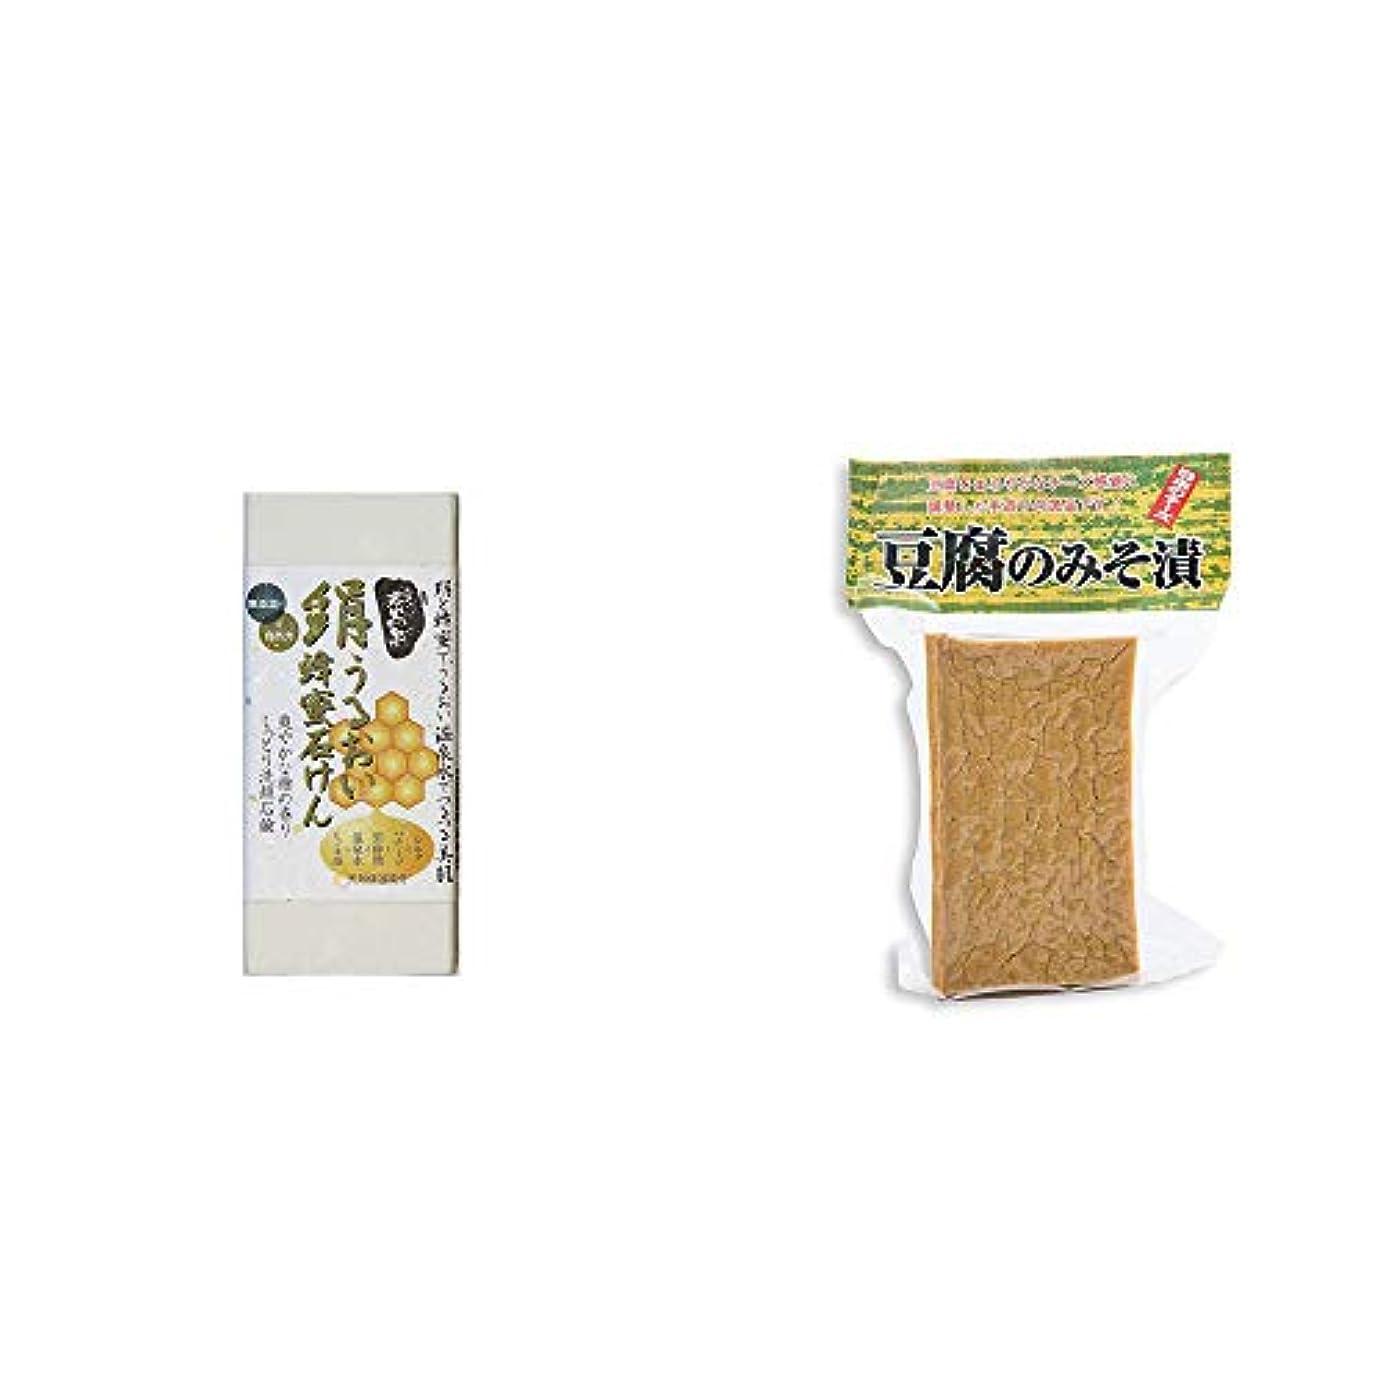 [2点セット] ひのき炭黒泉 絹うるおい蜂蜜石けん(75g×2)?日本のチーズ 豆腐のみそ漬(1個入)